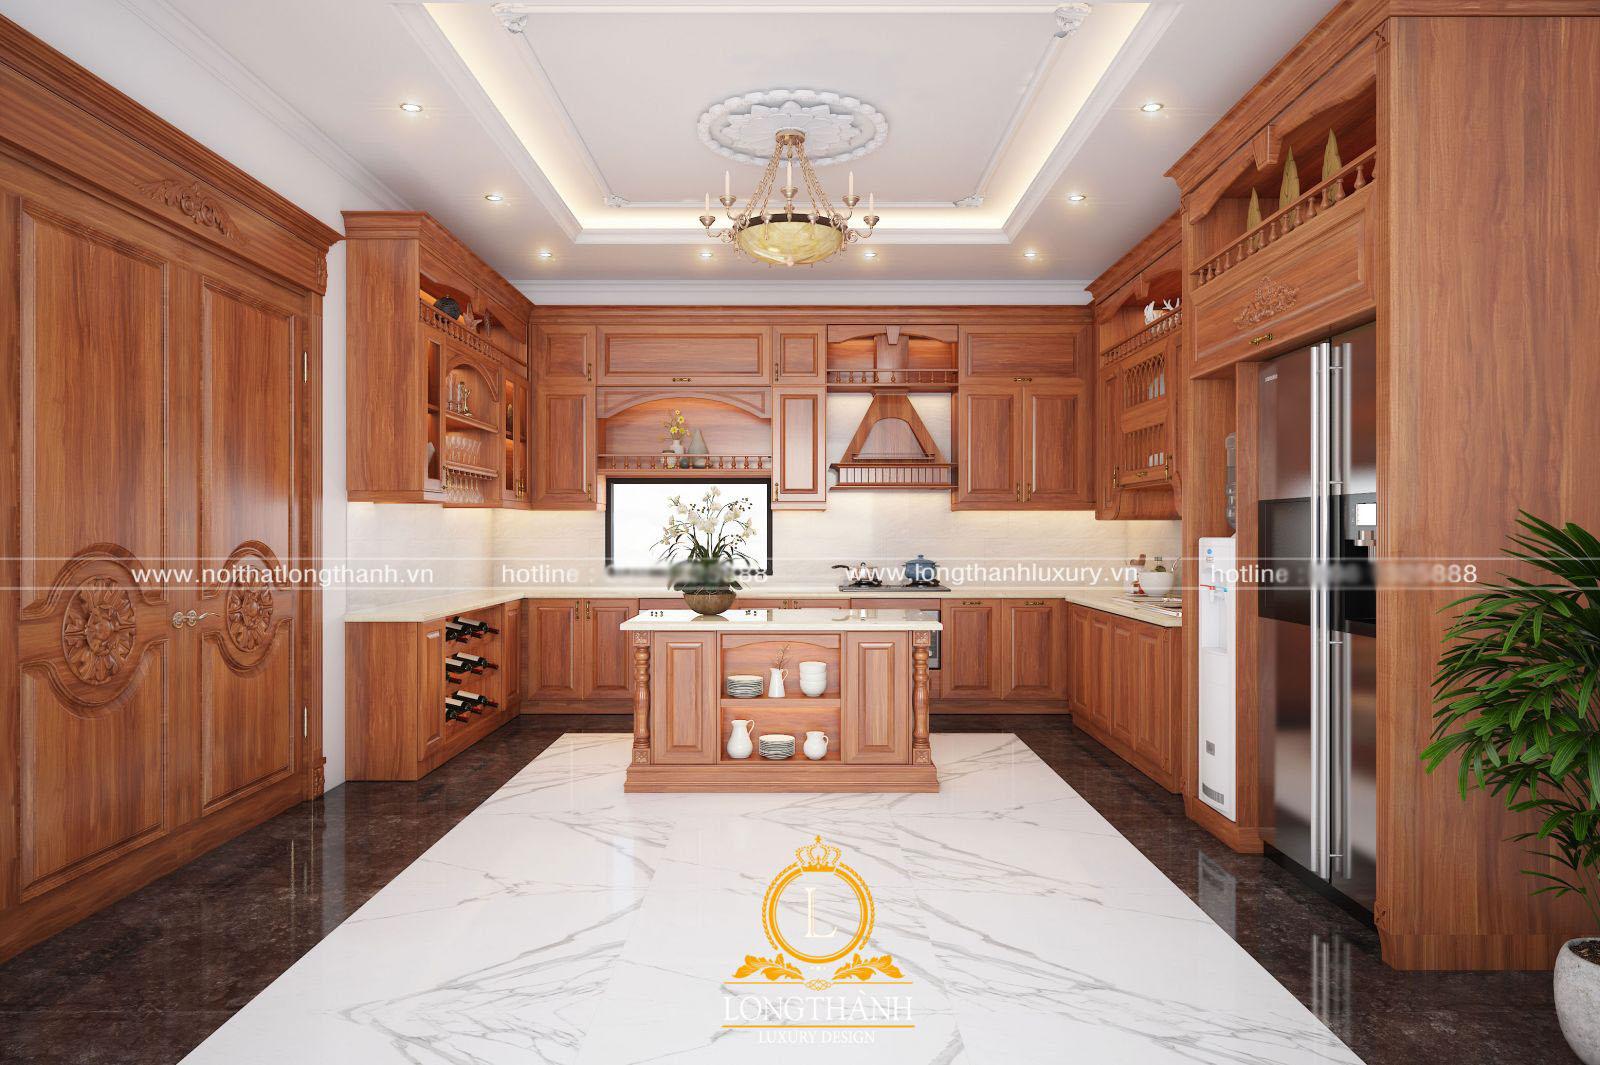 Màu đỏ của tủ bếp tân cổ điển cho không gian phòng bếp thêm quyến rũ